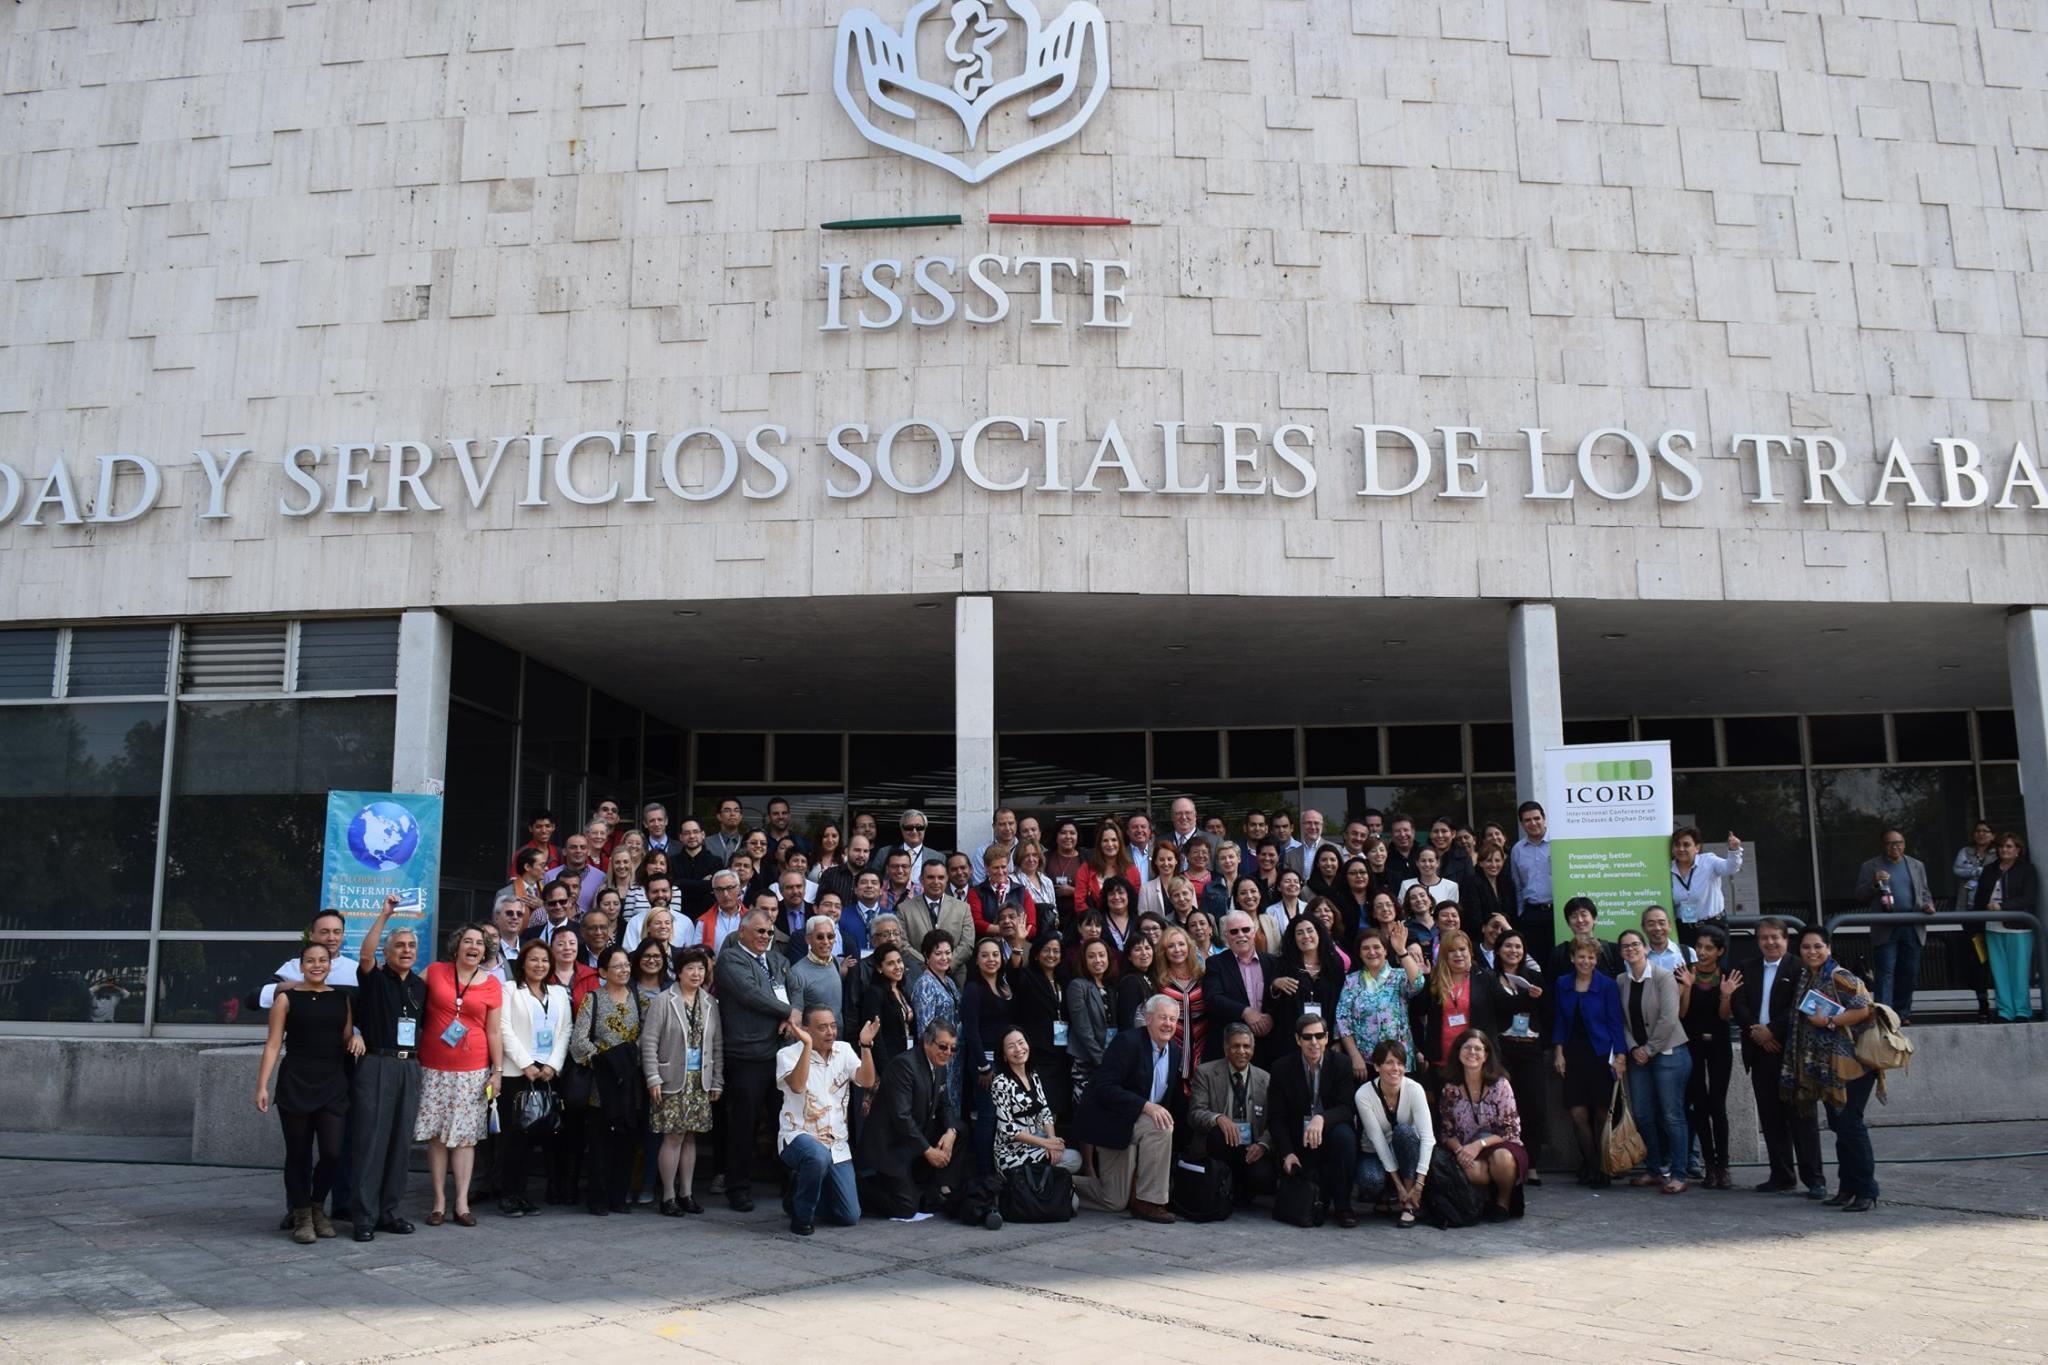 Foto grupal en ISSSTE Buenavista, conclusión de la «Semana Global 2015 de las Enfermedades Raras» (SG2015EERR)